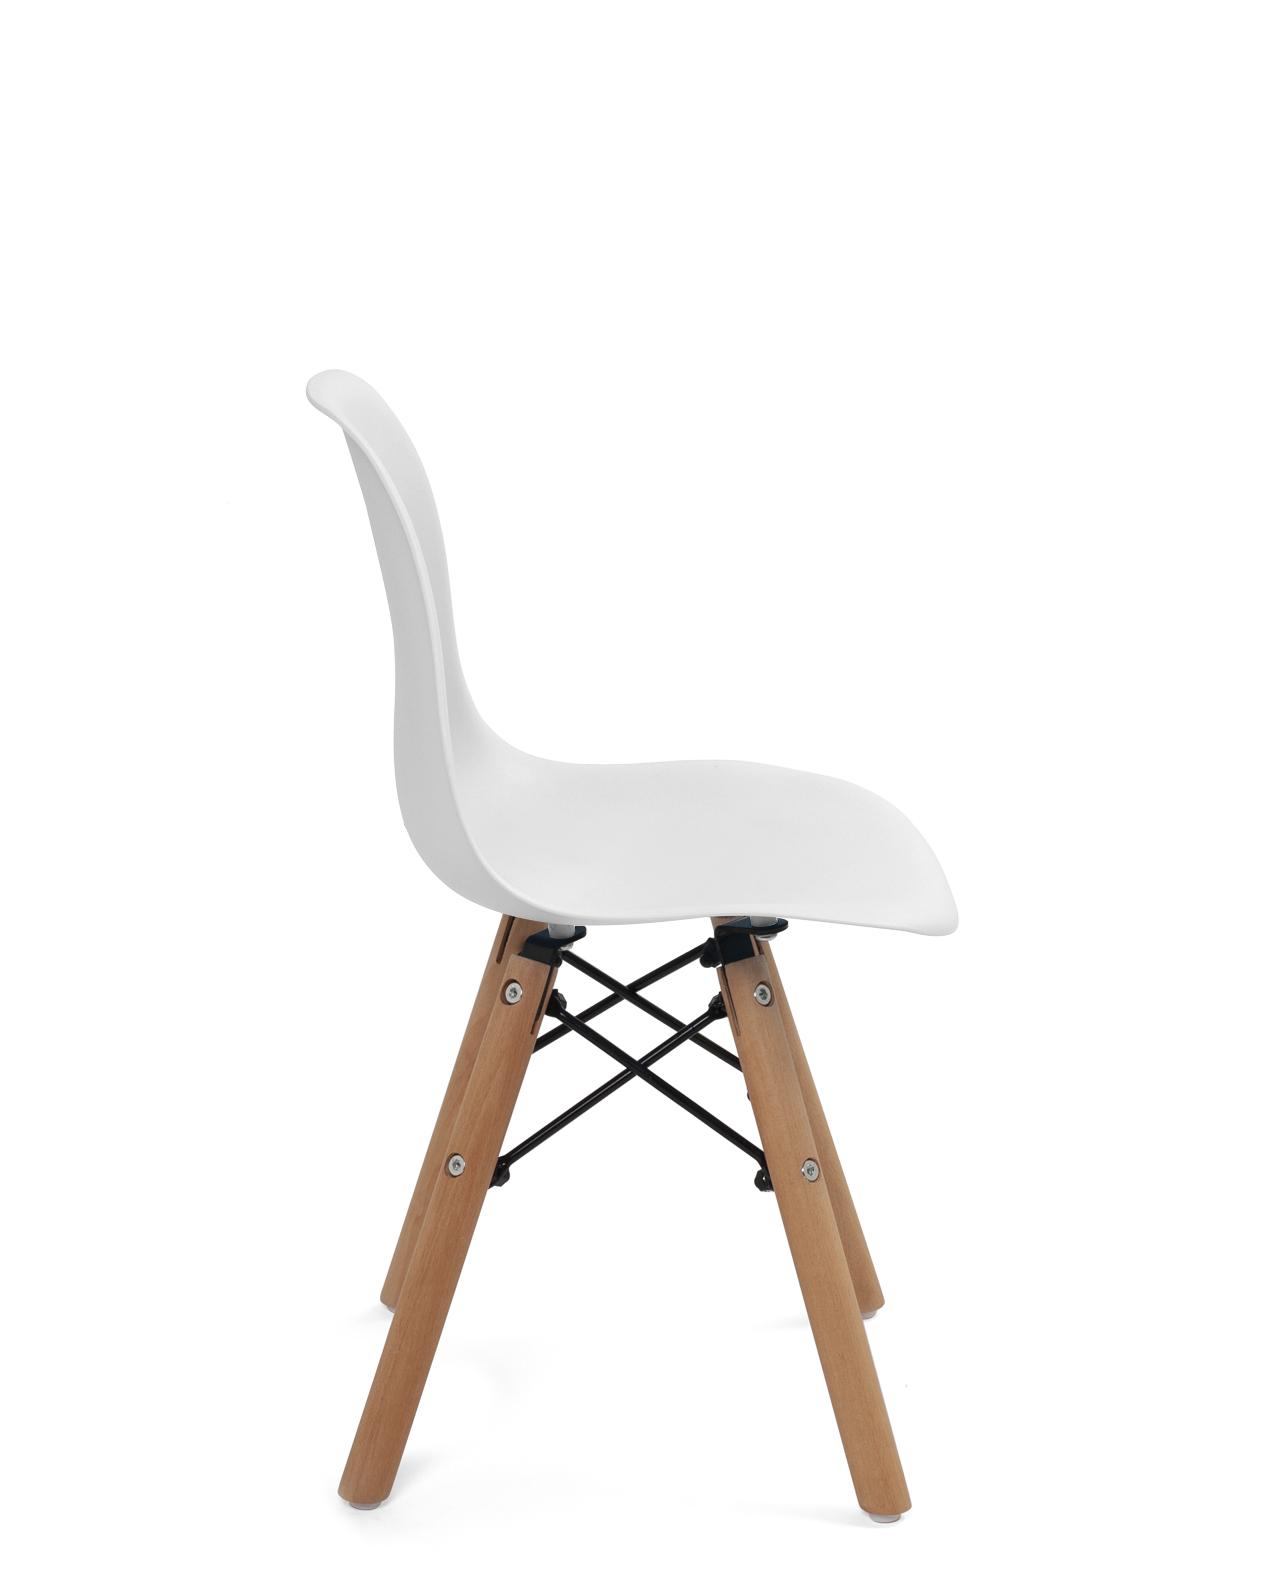 chaise scandinave enfant couleur nea